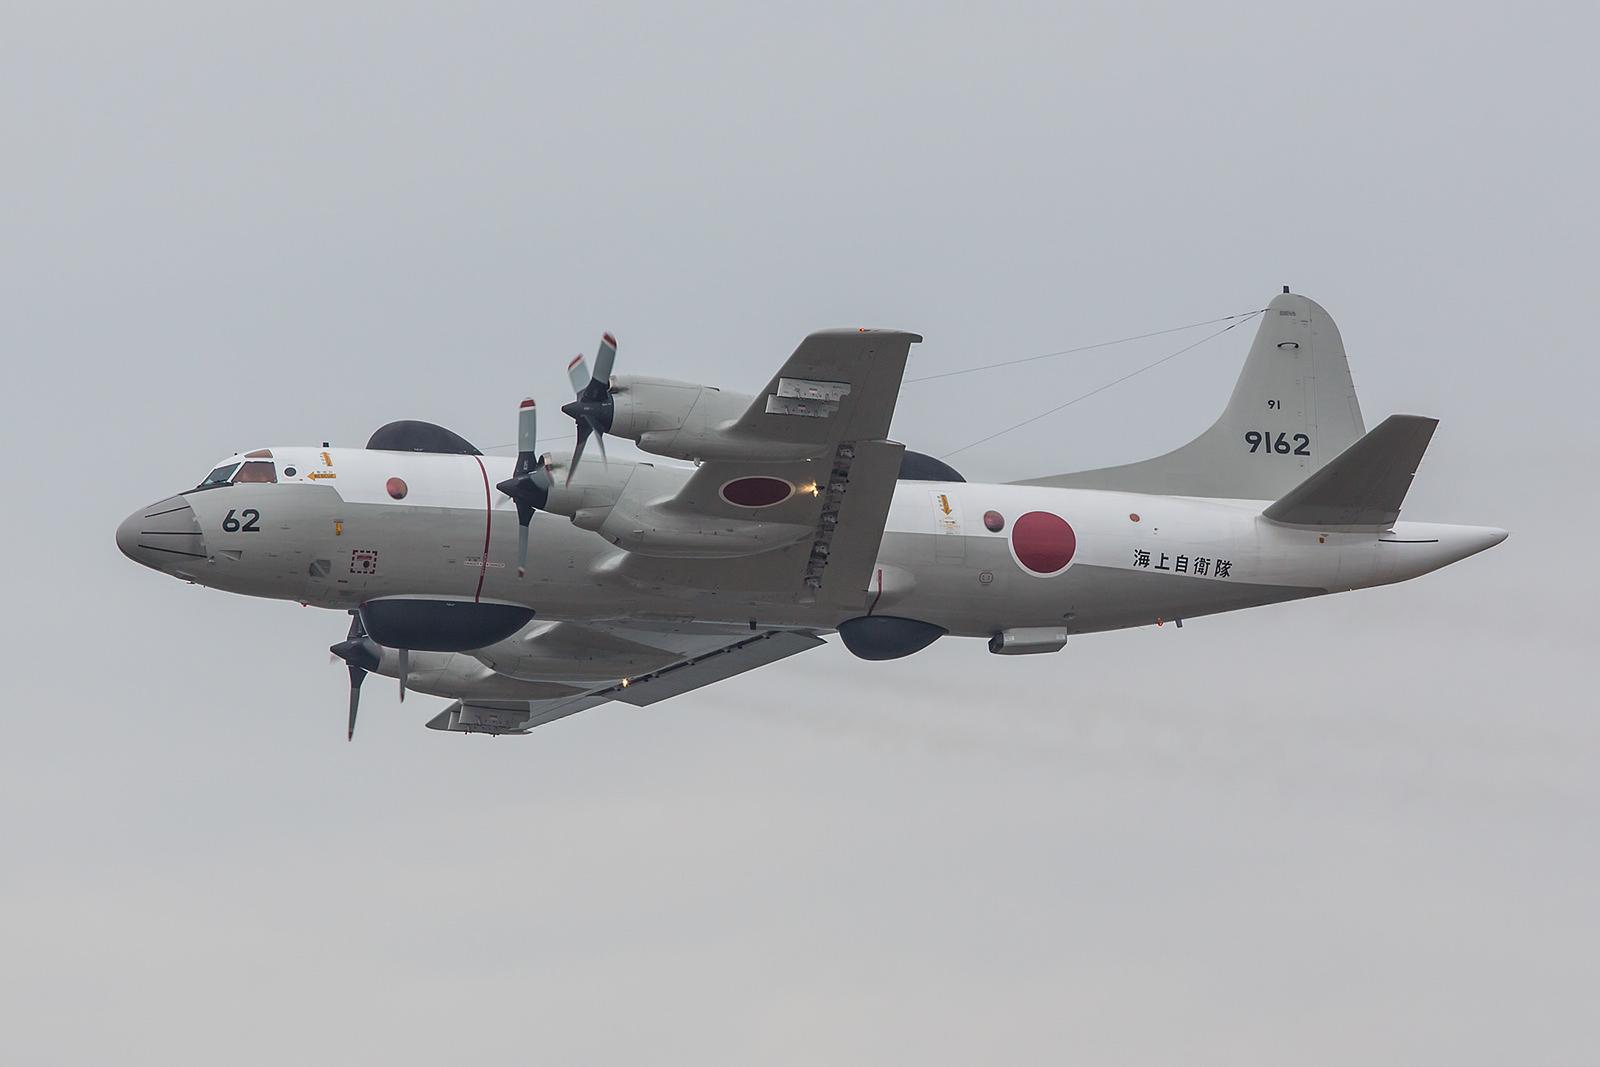 Wahrscheinlich fliegen nur noch zwei UP-3D in der JMSDF. Der Status der 9161 ist derzeit nicht bekannt.